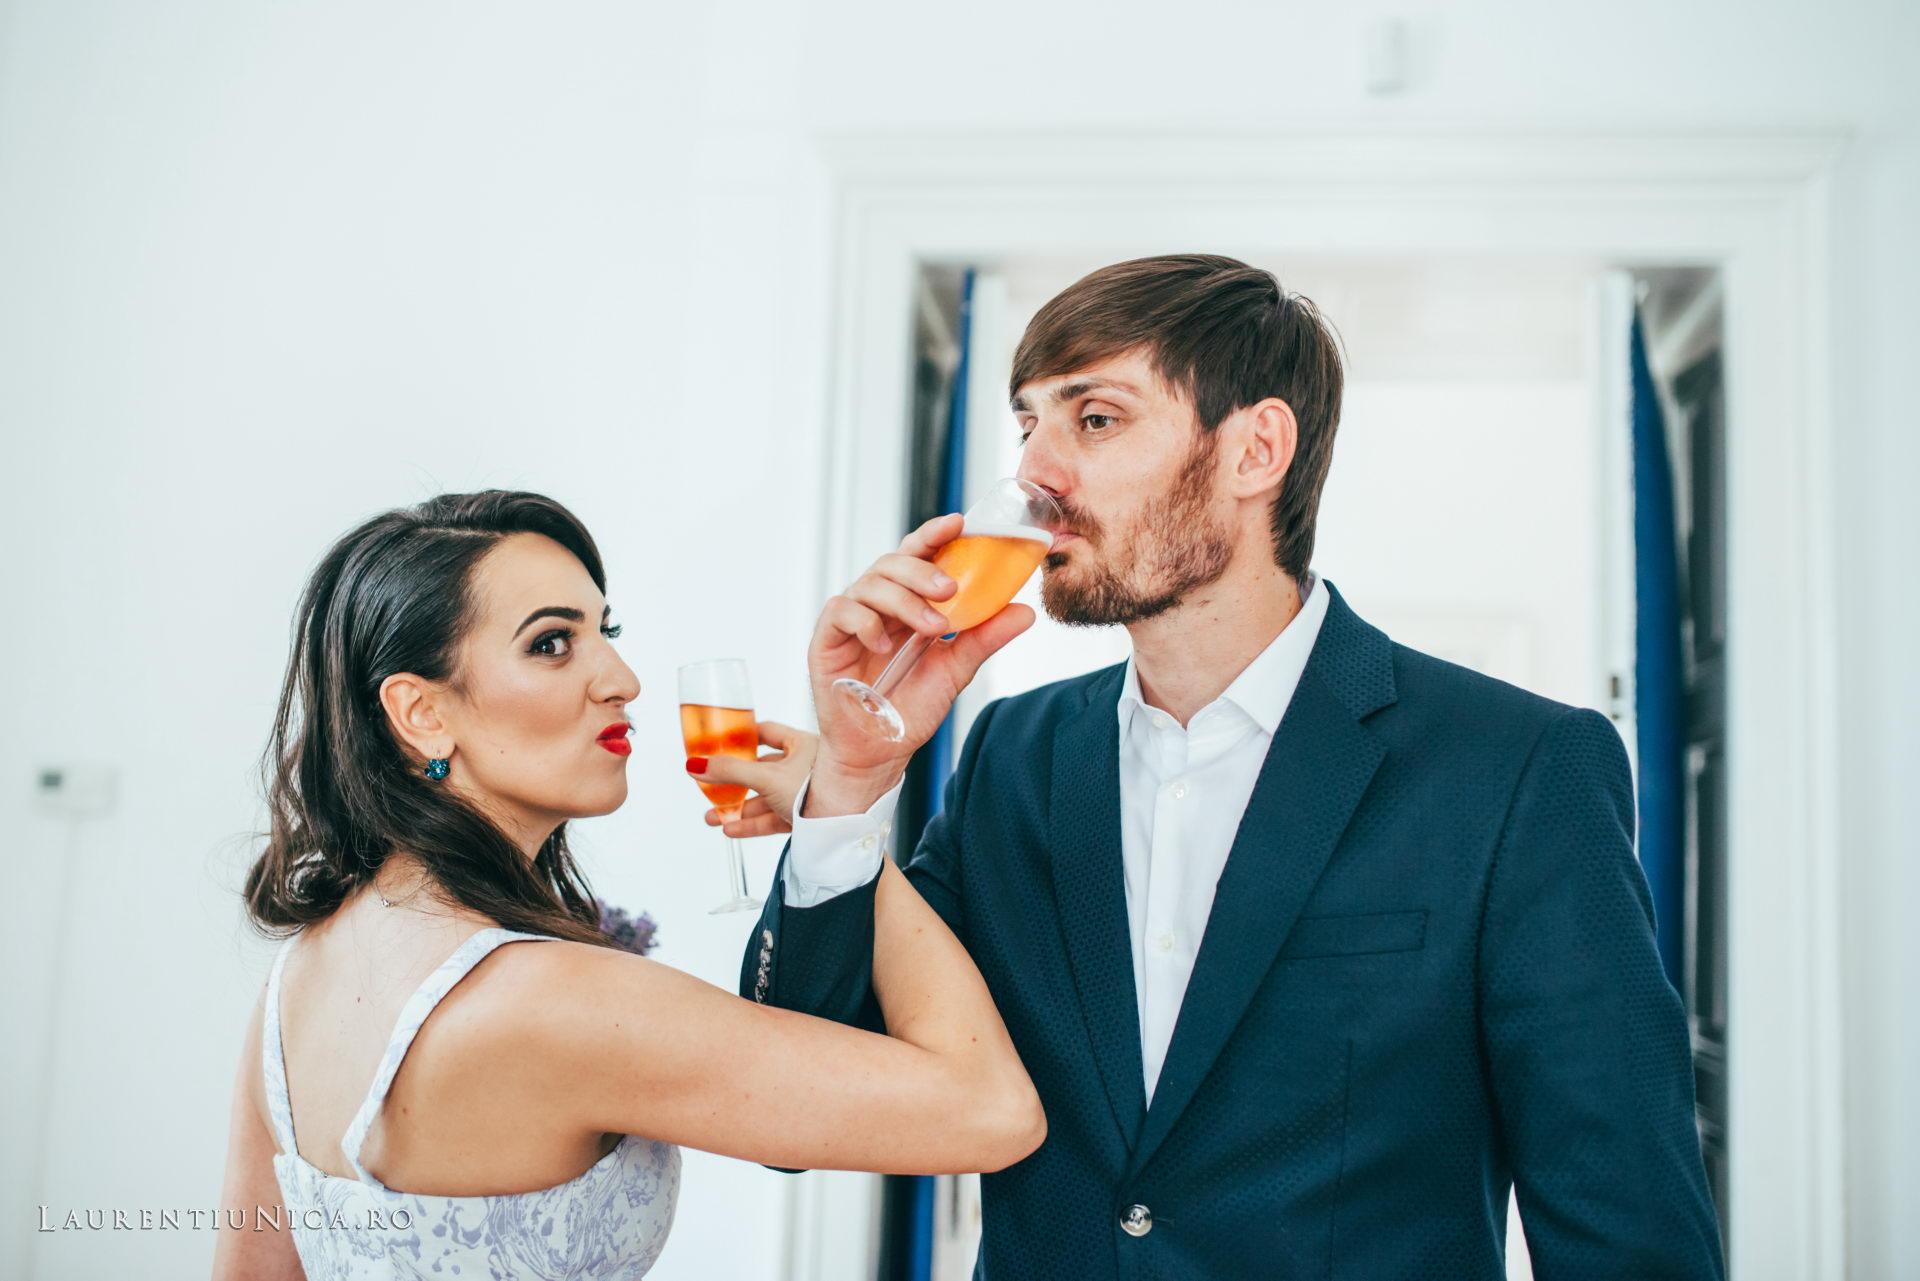 Cristina si Ovidiu nunta Craiova fotograf laurentiu nica 015 - Cristina & Ovidiu | Fotografii nunta | Craiova